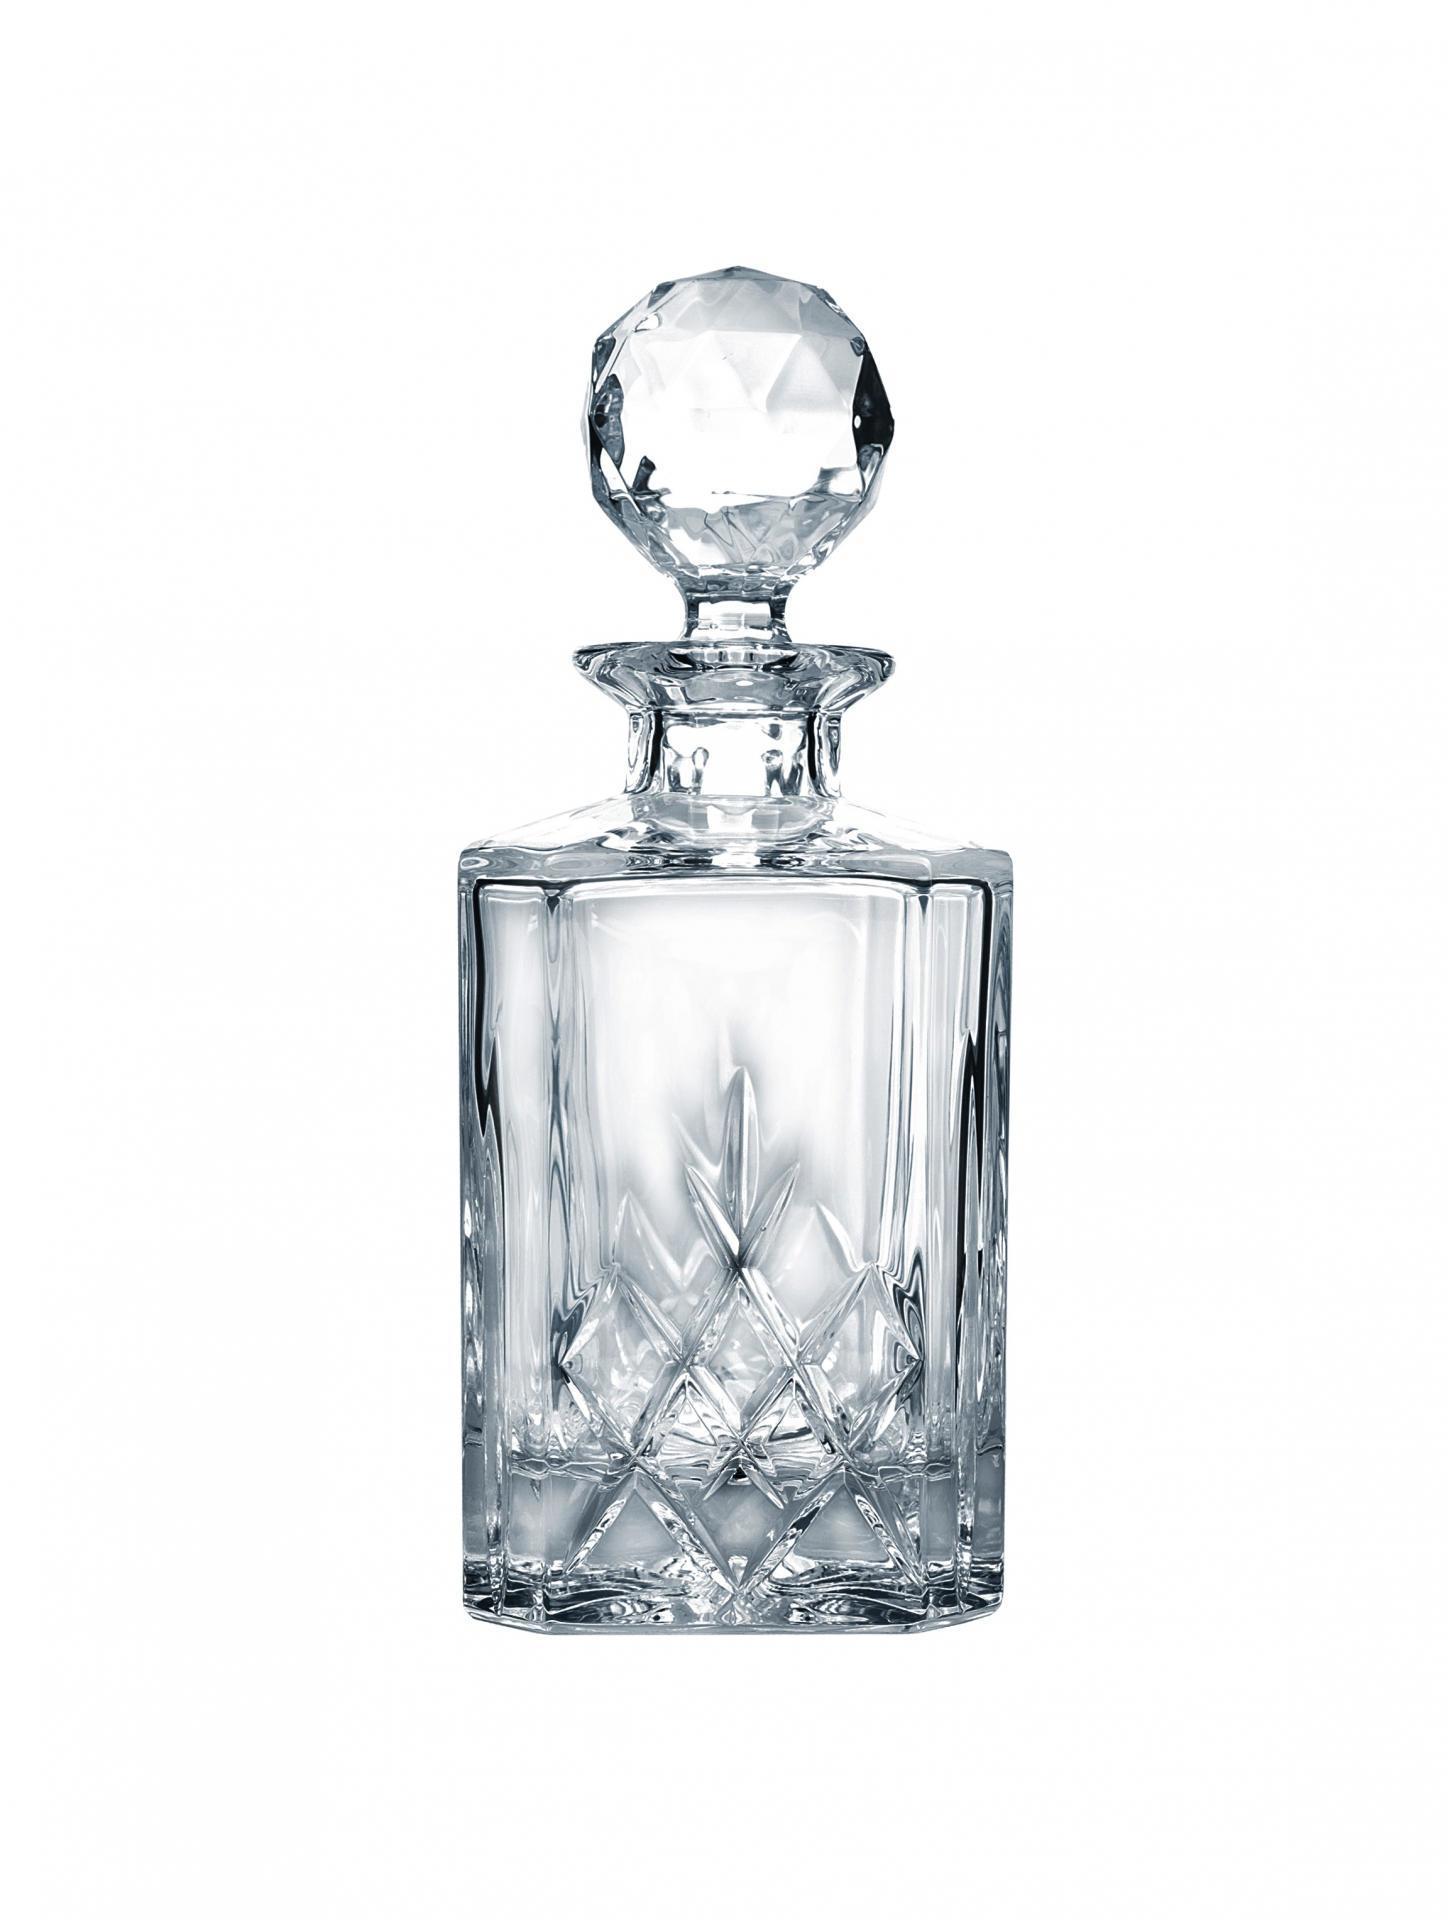 CRYSTAL BOHEMIA Křišťálová karafa Diamond Crystal BOHEMIA 0,8 l, čirá barva, sklo